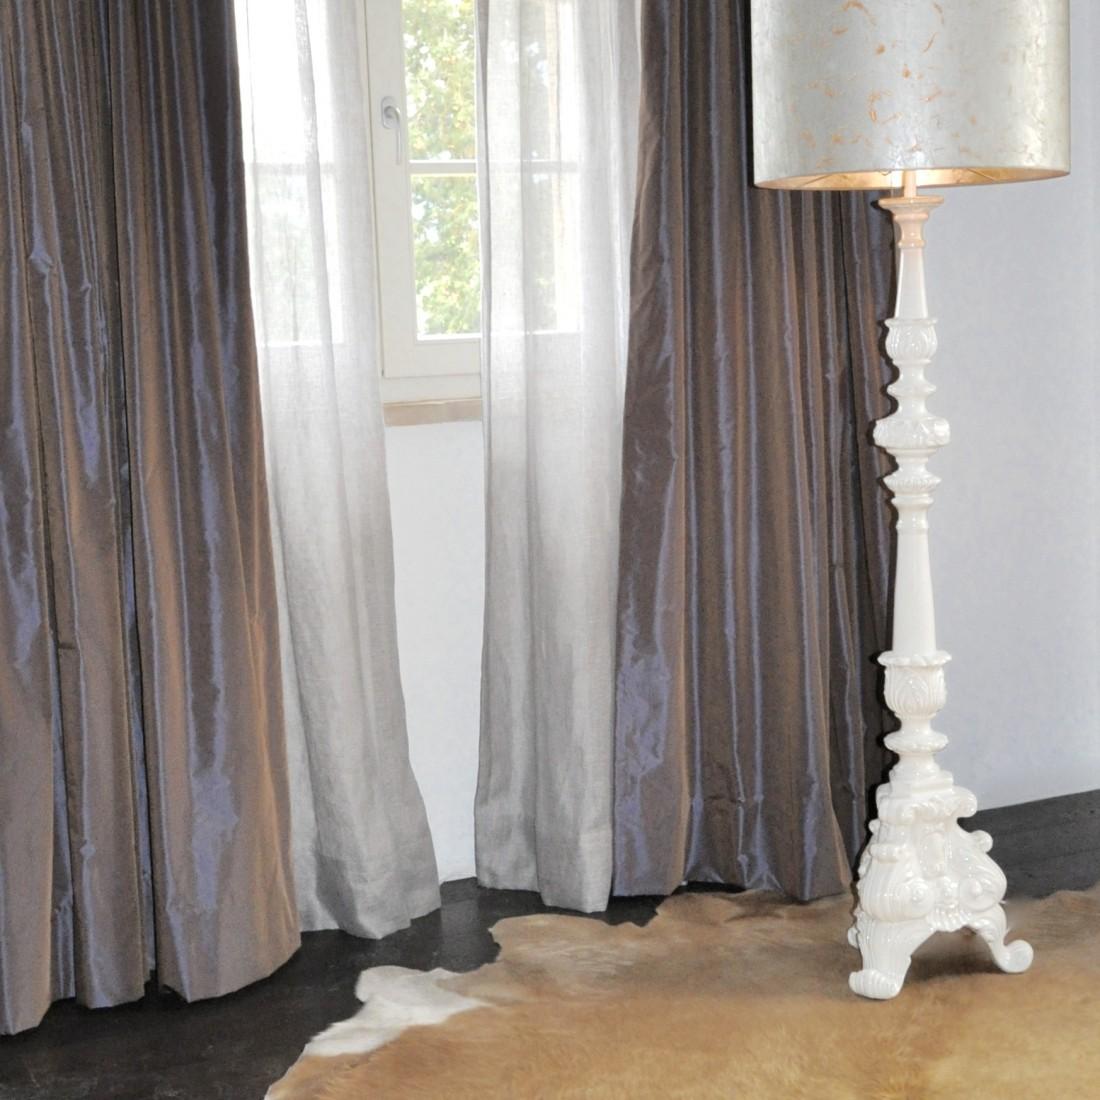 slaapkamer linnen inbetween gordijnen en overgordijnen taft gevoerd vlinderplooi aan roede